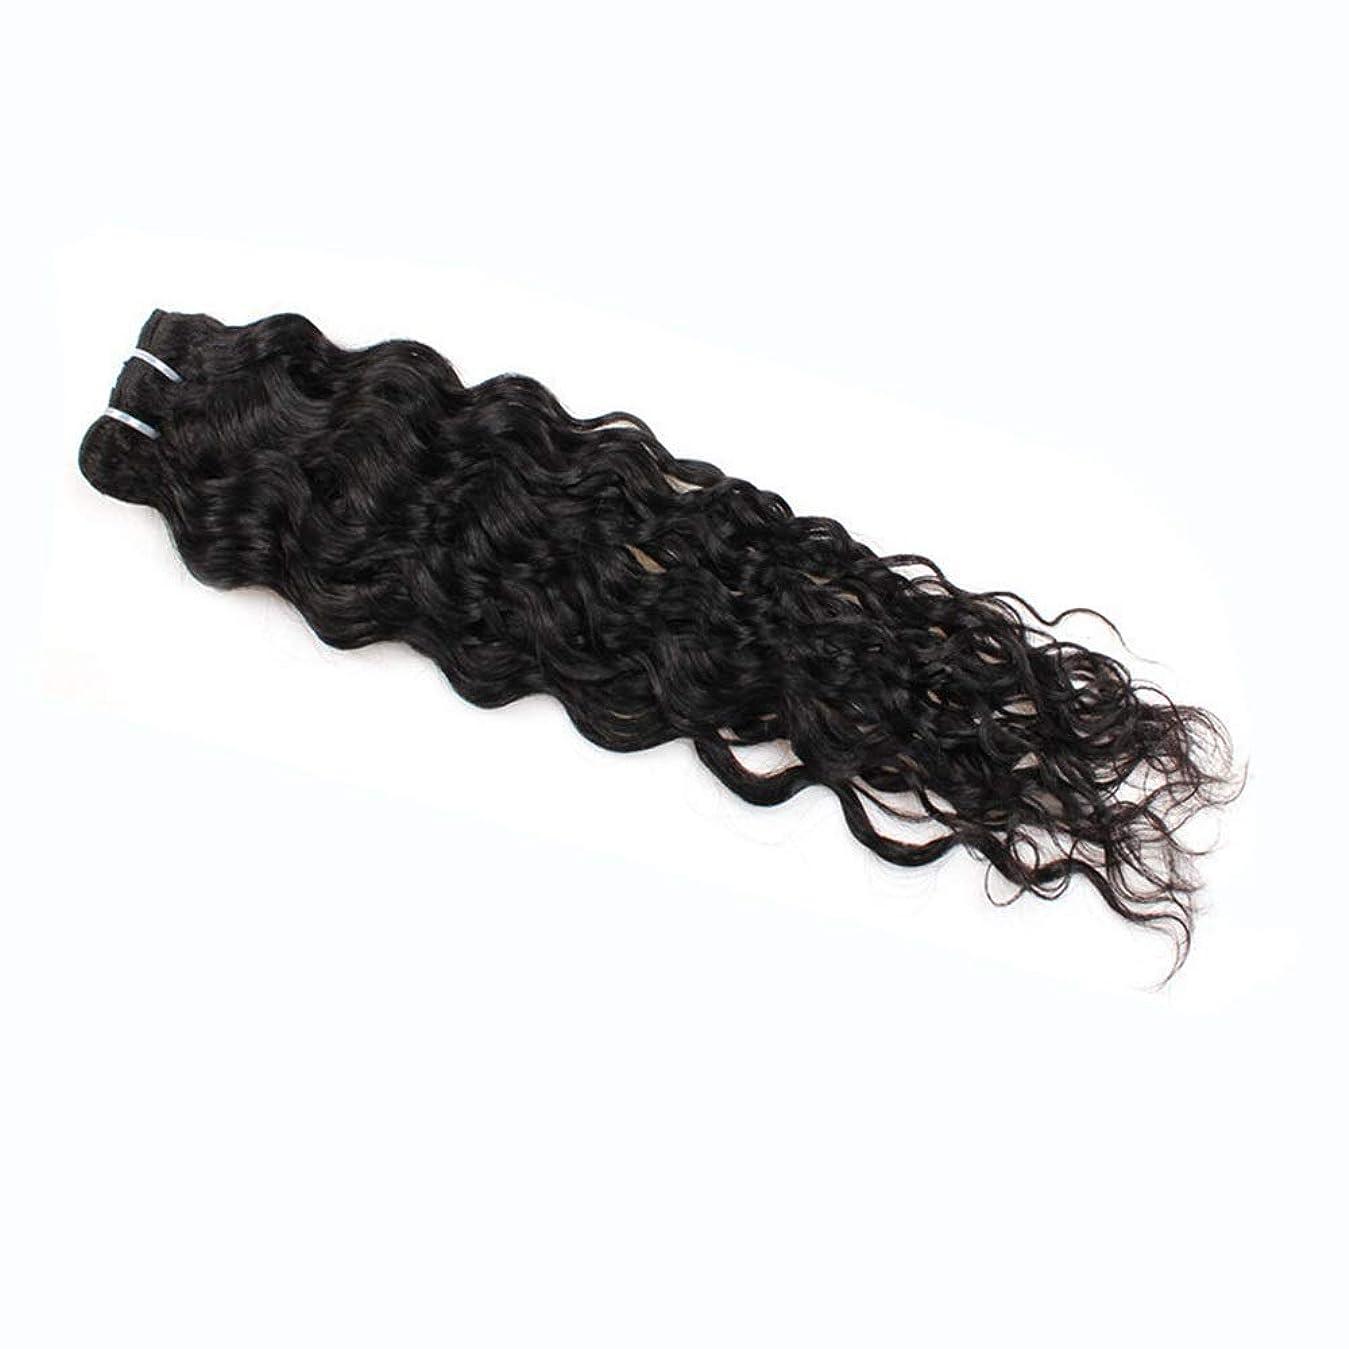 データベース電気技師上回るYESONEEP 7a未処理のバージンブラジル髪織り100%ブラジル水波人間の毛髪延長100グラム/バンドルナチュラルカラーパックの1複合ヘアレースかつらロールプレイングウィッグロングとショート女性自然 (色 : 黒, サイズ : 16 inch)